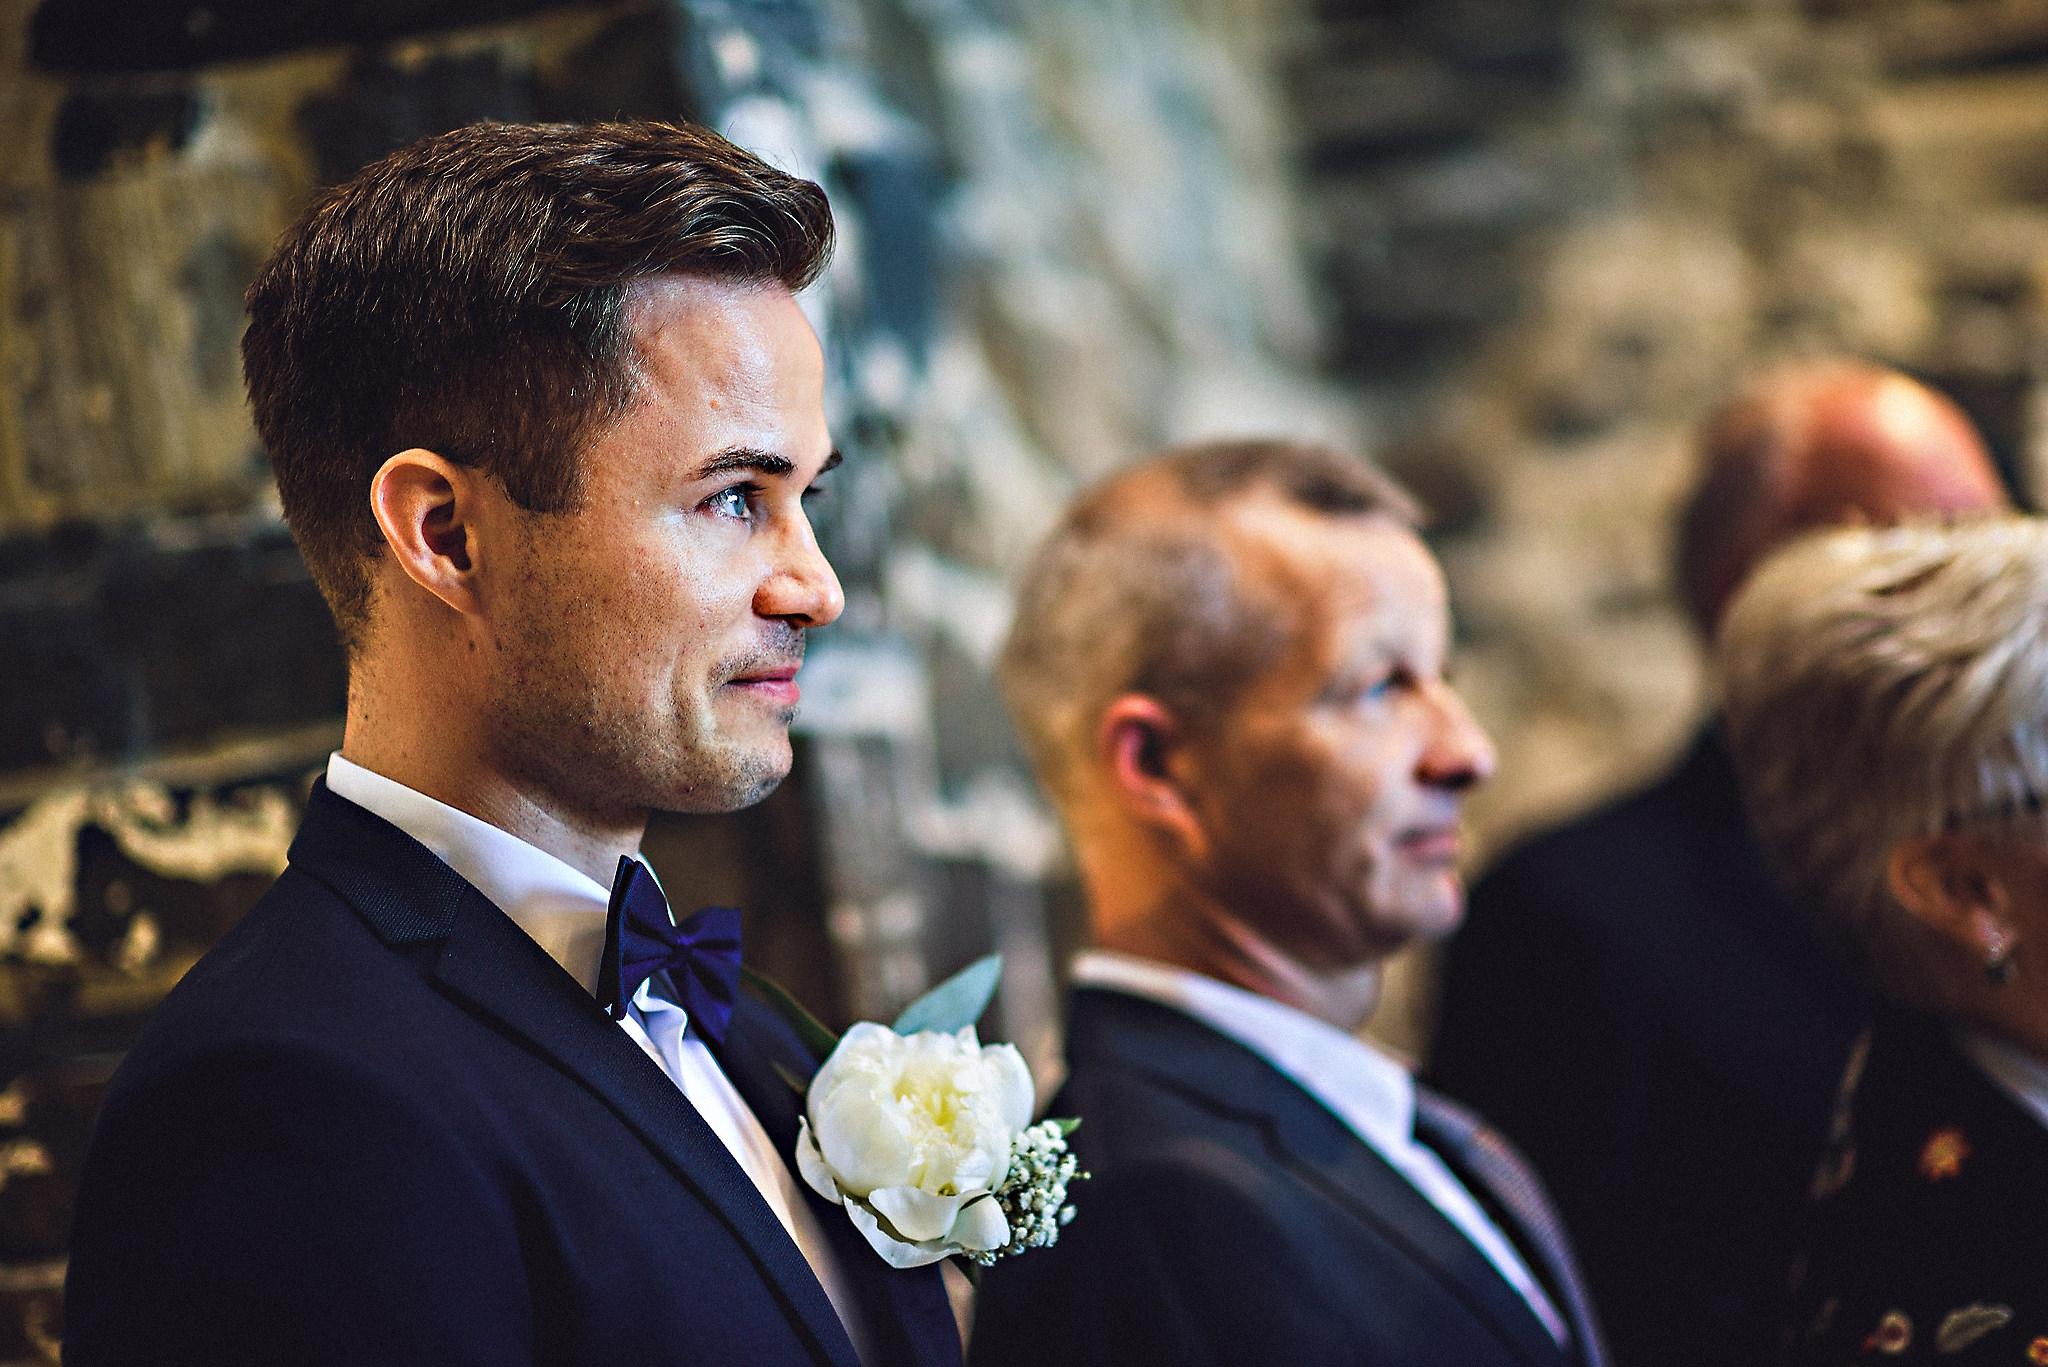 Eirik Halvorsen Leoni og Arne bryllup blog-15.jpg